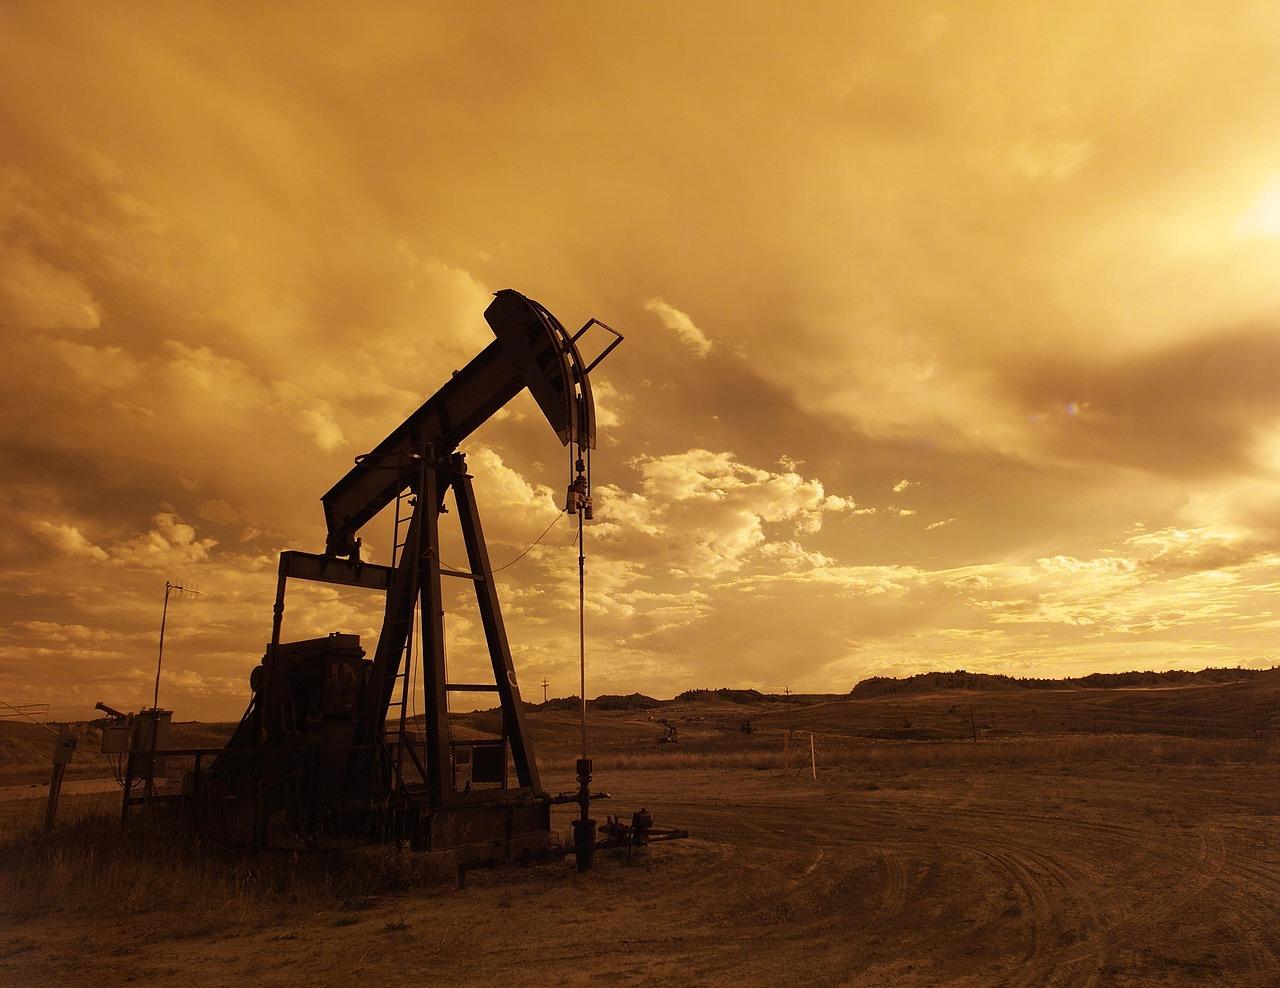 Siria acusa a EEUU de apoderarse del 90 % de sus reservas de crudo en el noreste del país